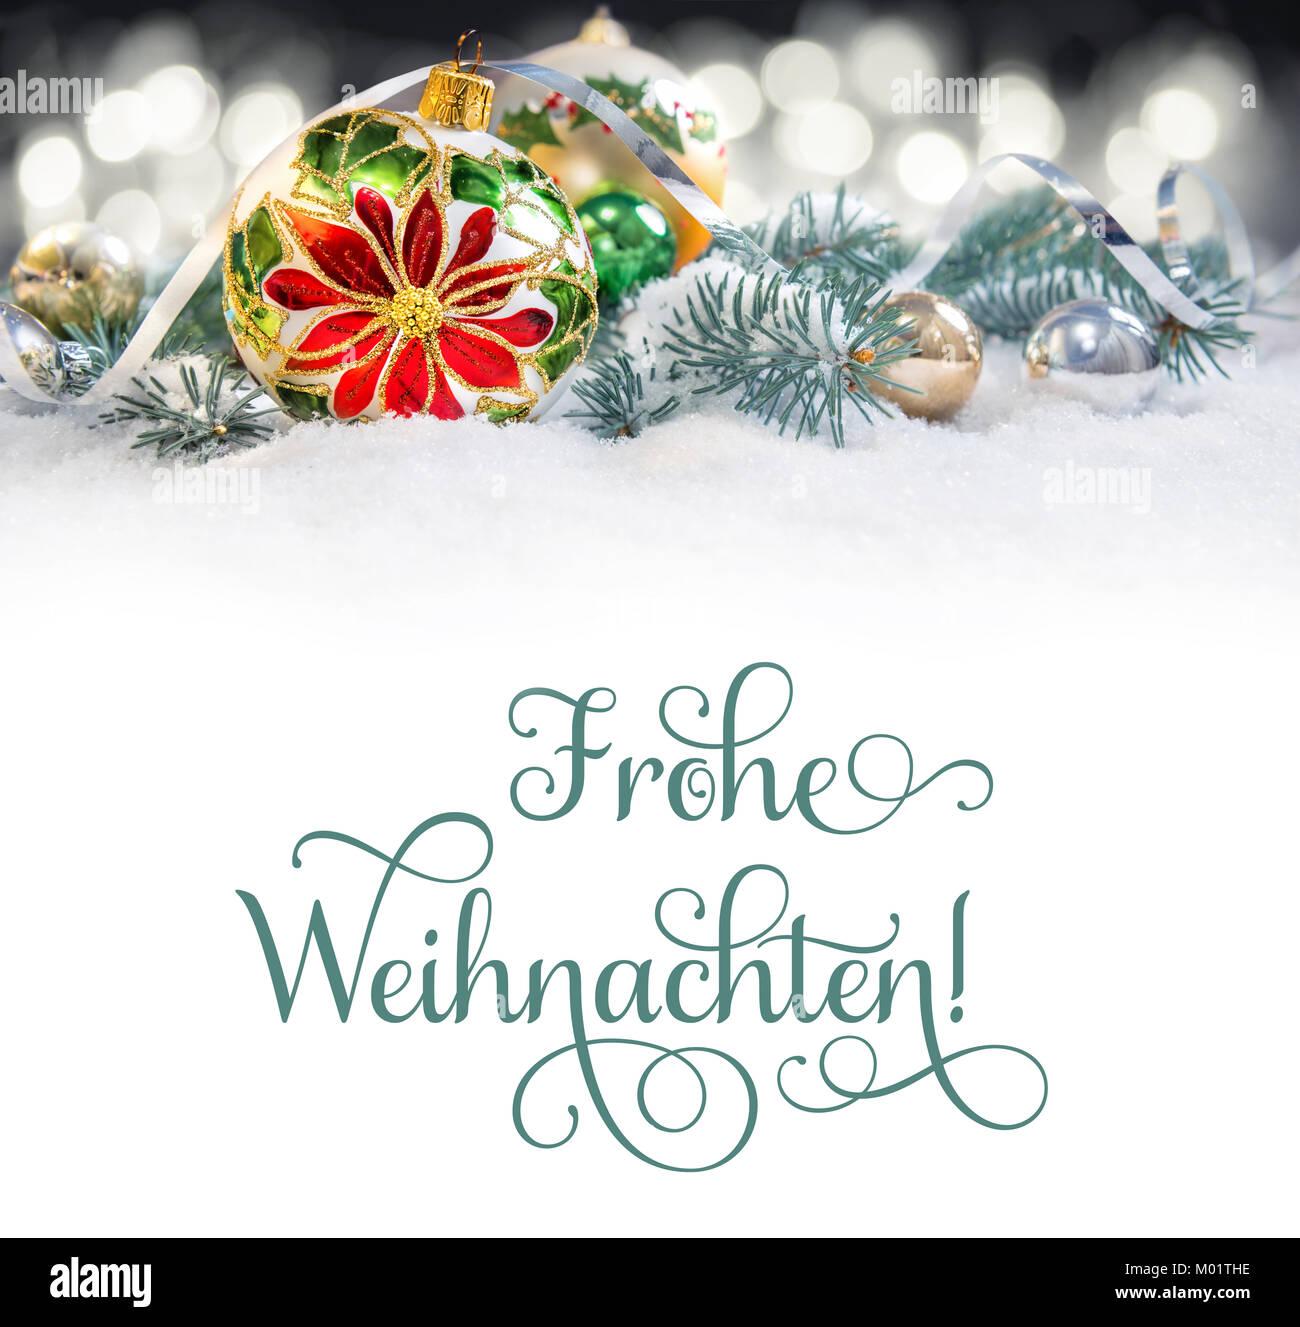 Auguri Buon Natale In Tedesco.Natale Biglietto Di Auguri O Di Un Bordo Pallina Di Vetro Con Poinsettia Decorate Rami Di Albero Di Natale Sulla Neve Il Testo Buon Natale In Tedesco Che Foto Stock Alamy